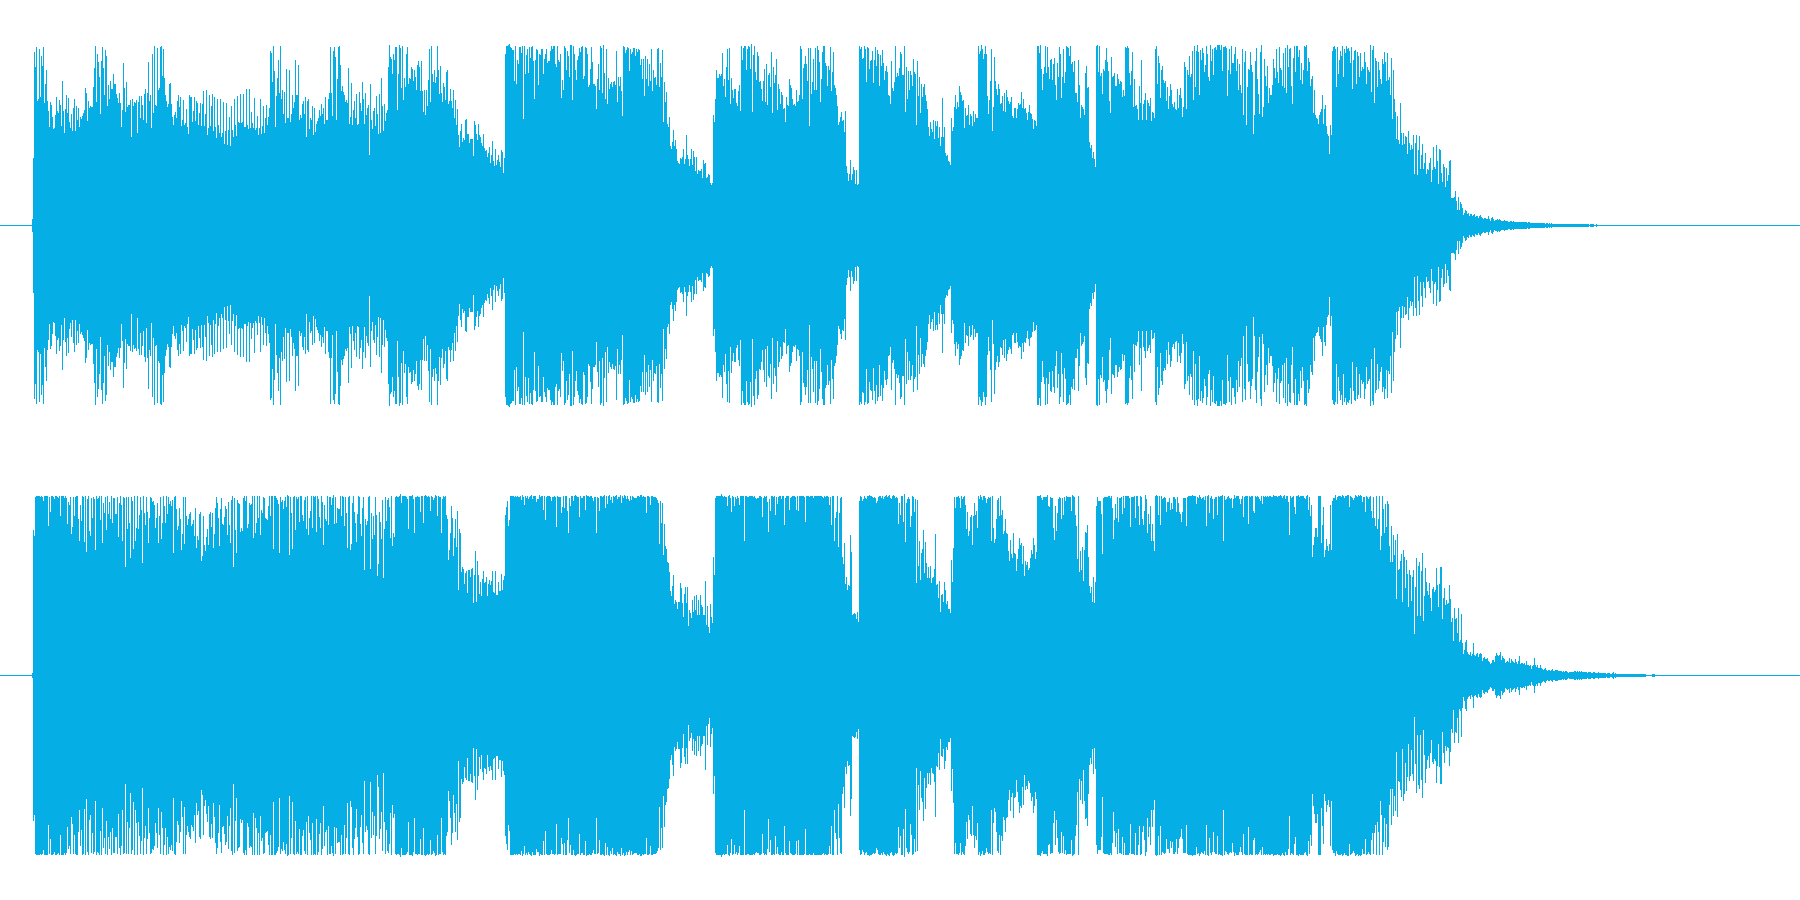 ど迫力!骨太ロックの重低音ロゴ!の再生済みの波形